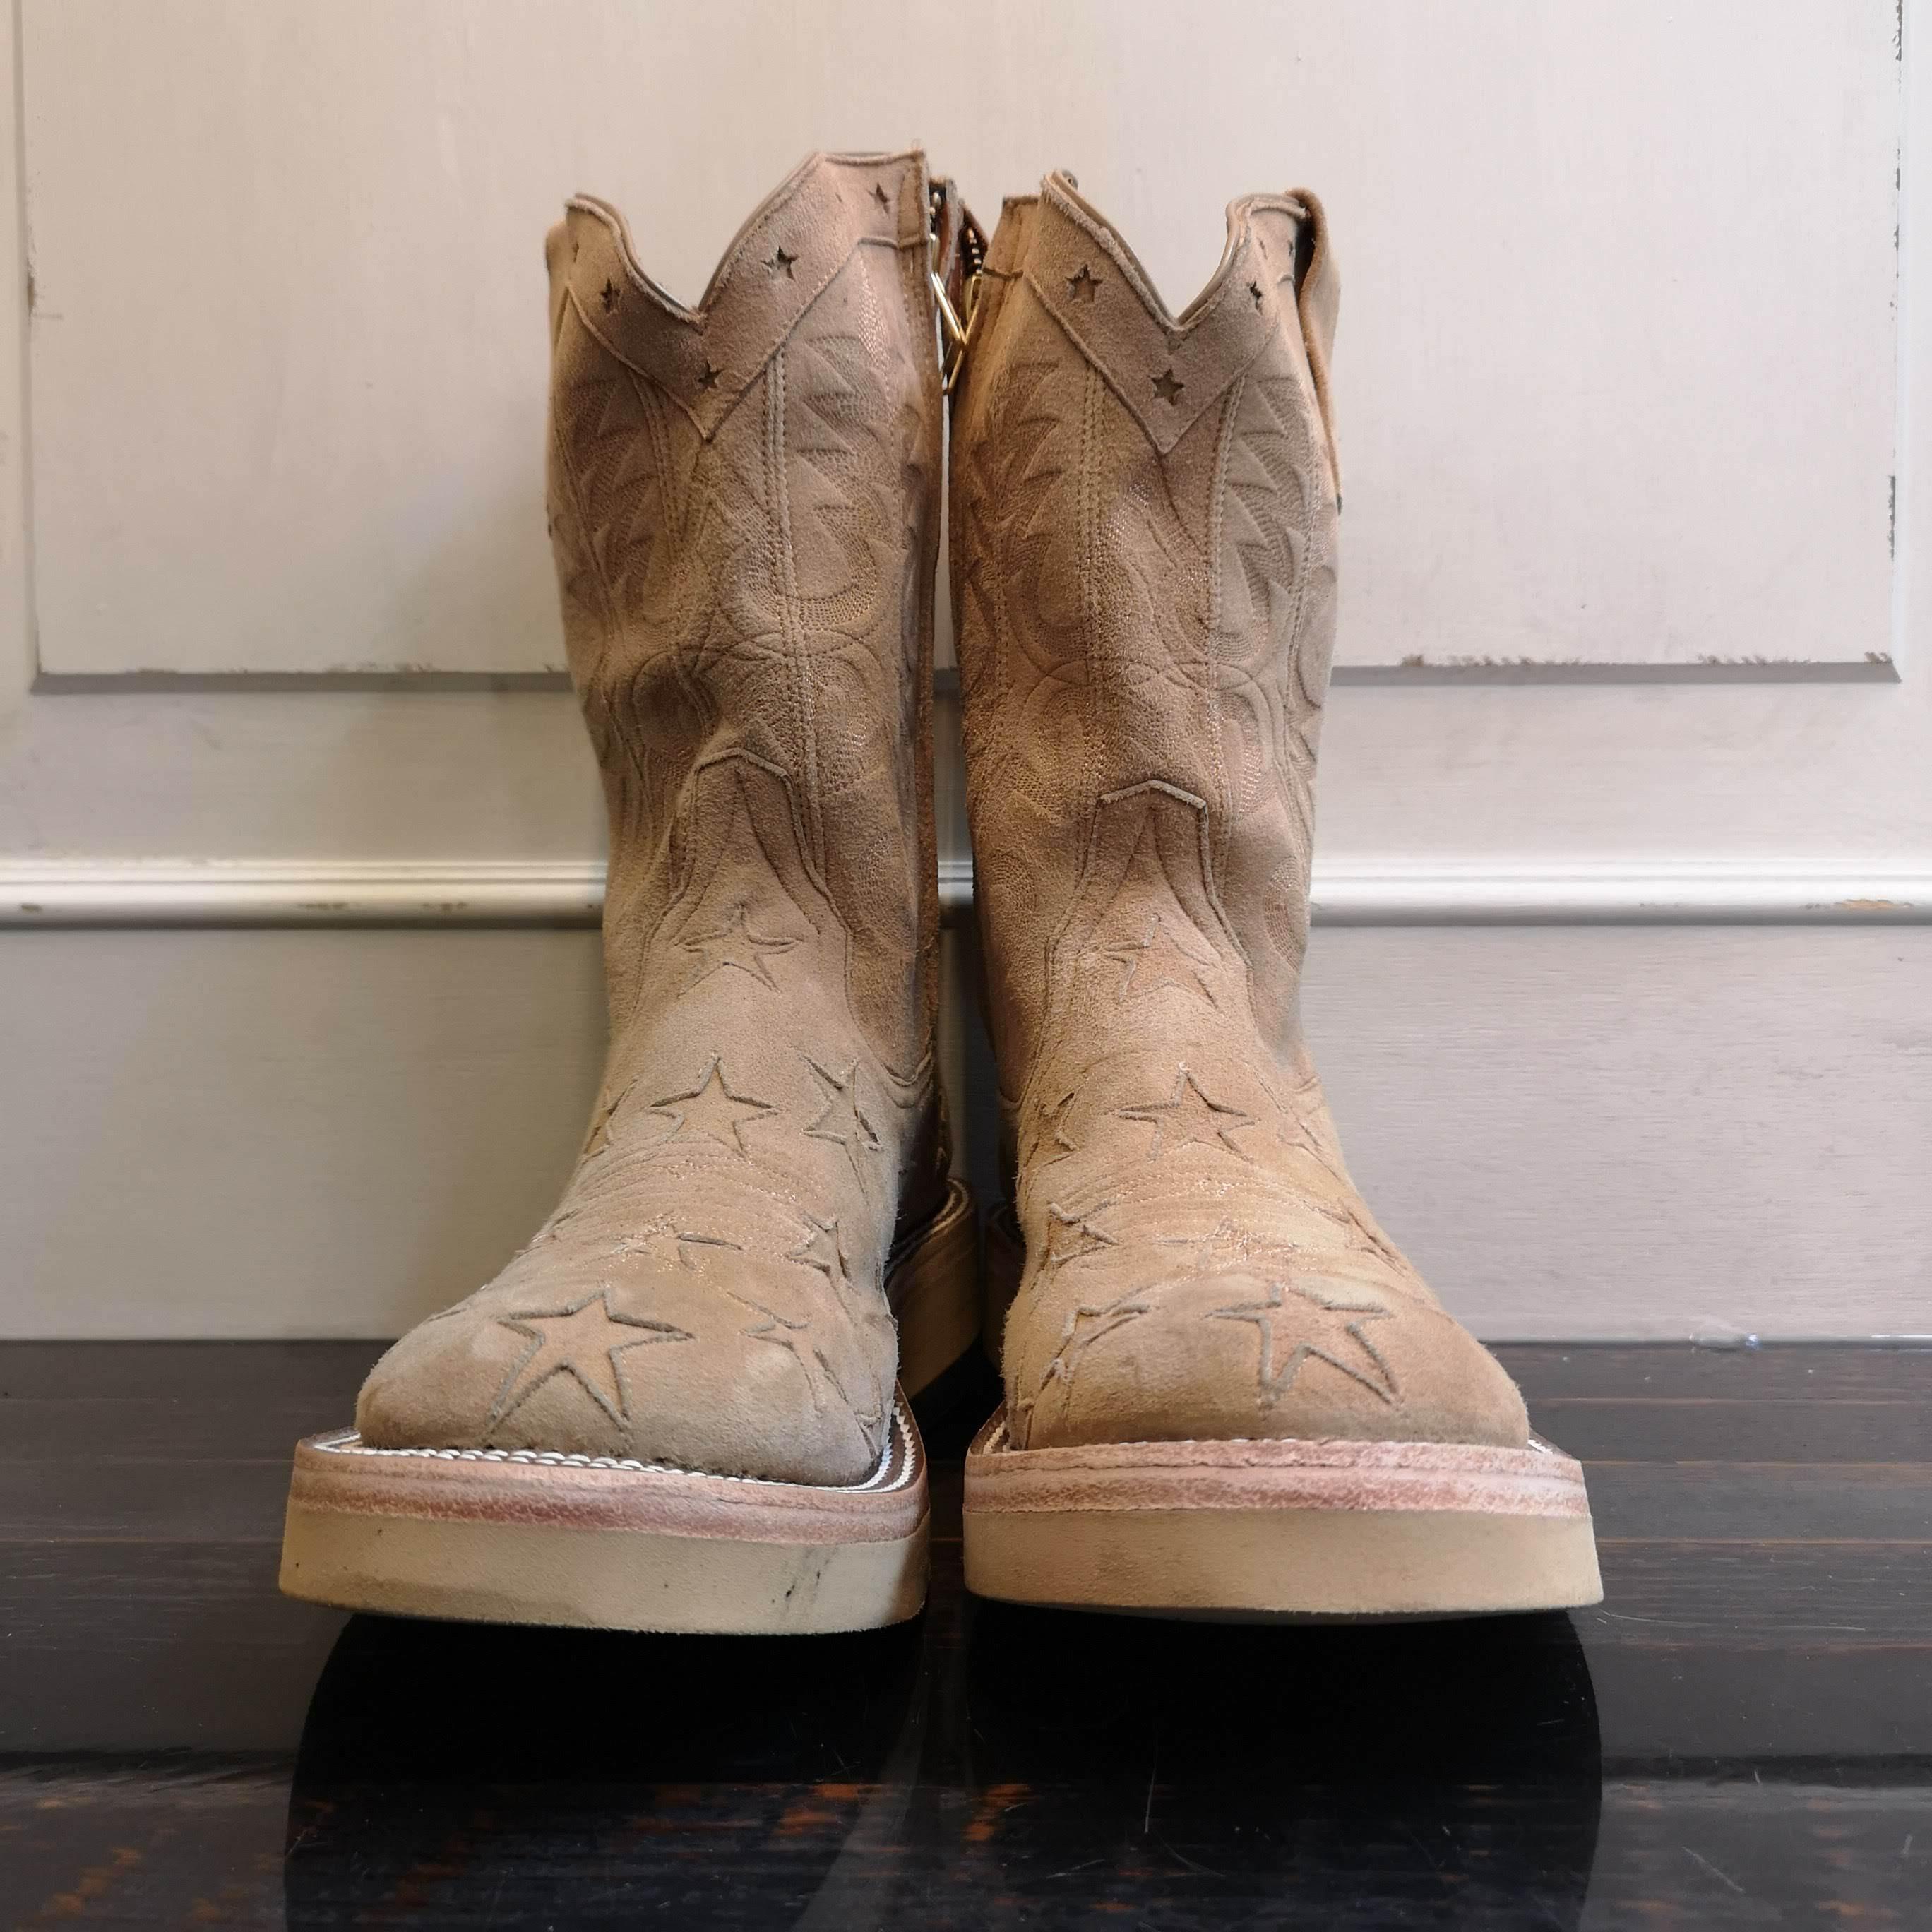 srf.0003 star & stripes roper boots.